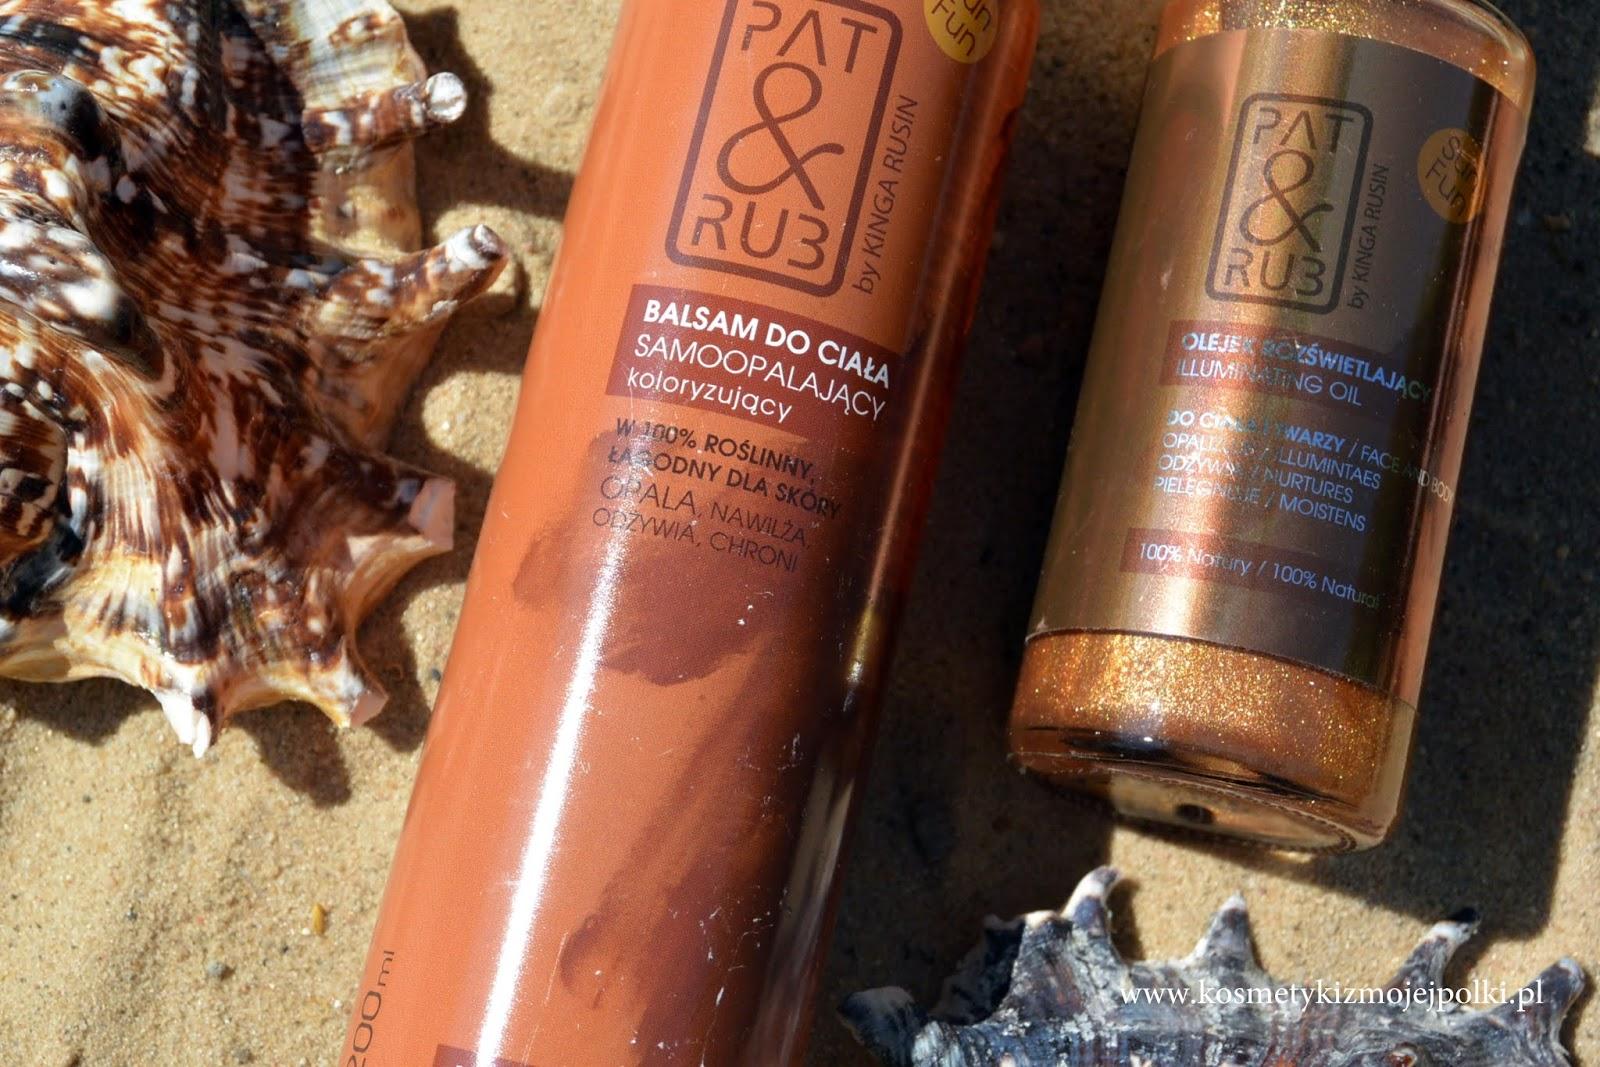 Letnie kosmetyczne propozycje PAT&RUB